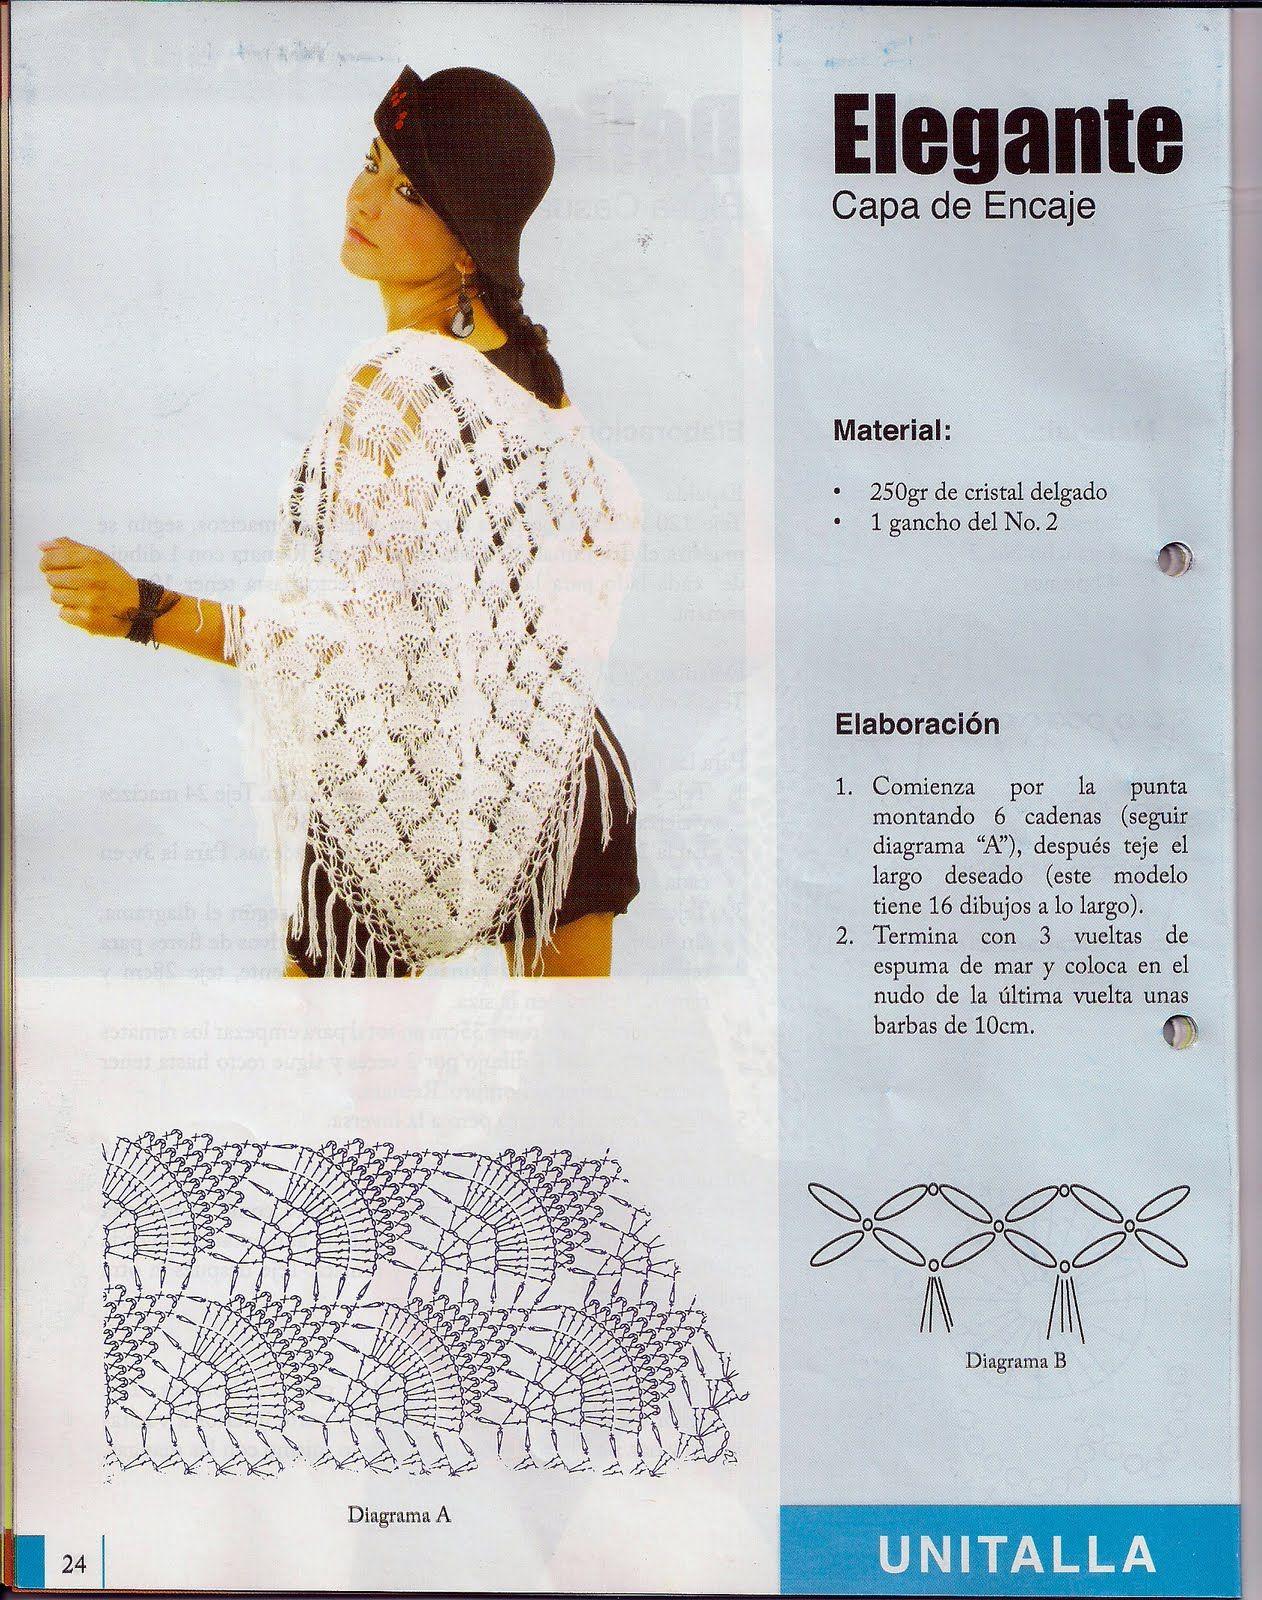 fanatica del tejido: crochet 40 | Crochet | Pinterest | Tejido, Chal ...